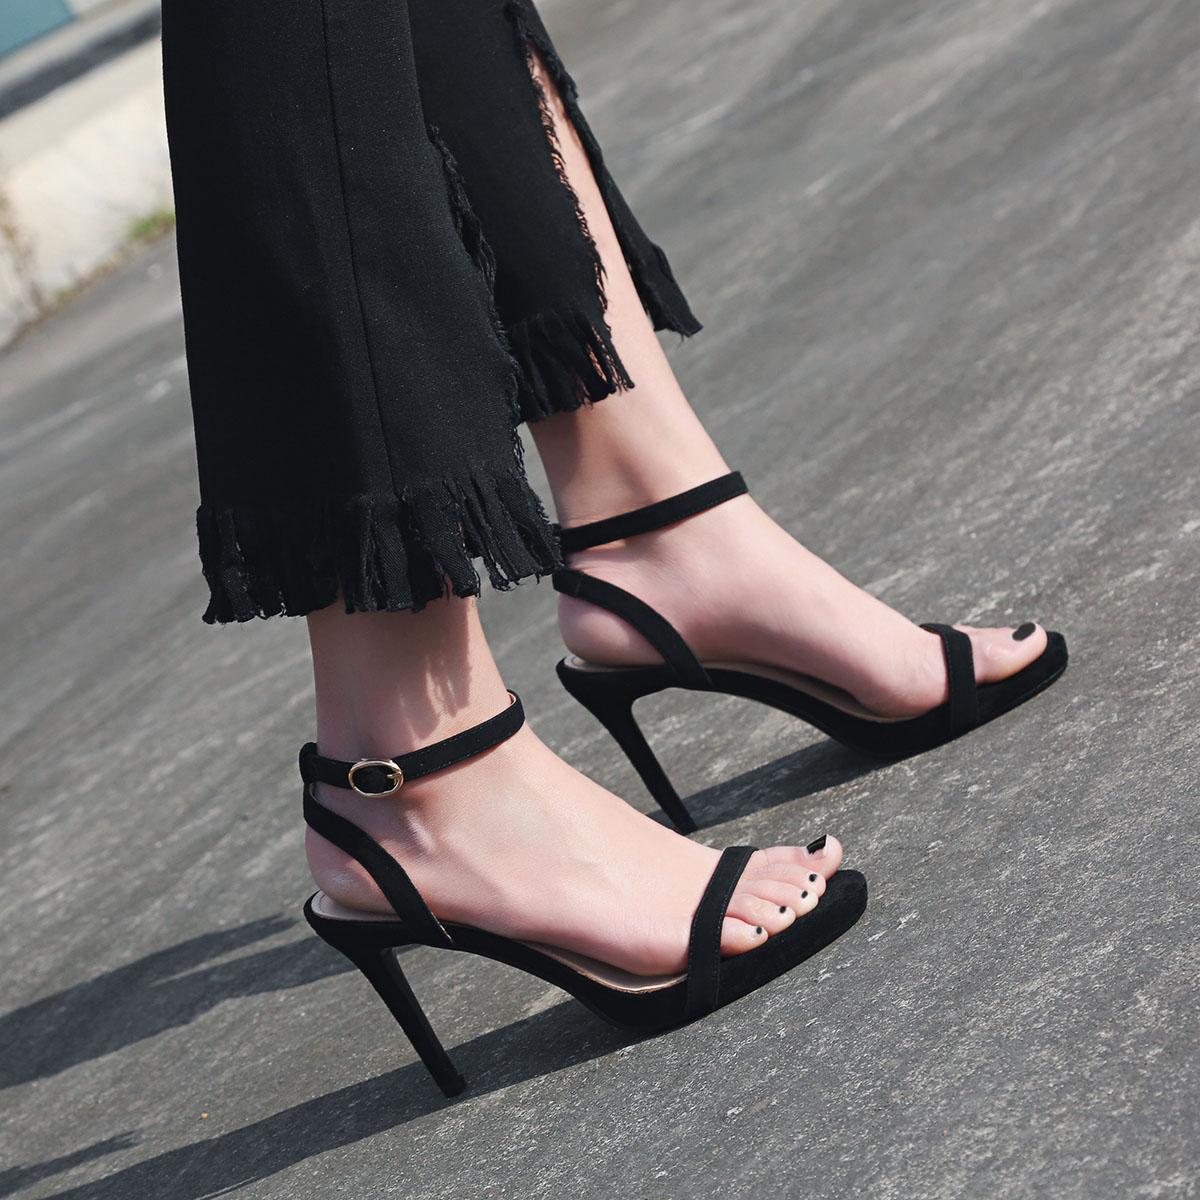 2018夏韩版简约新款高跟凉鞋性感细跟一字带裸色百搭中跟女鞋绑带